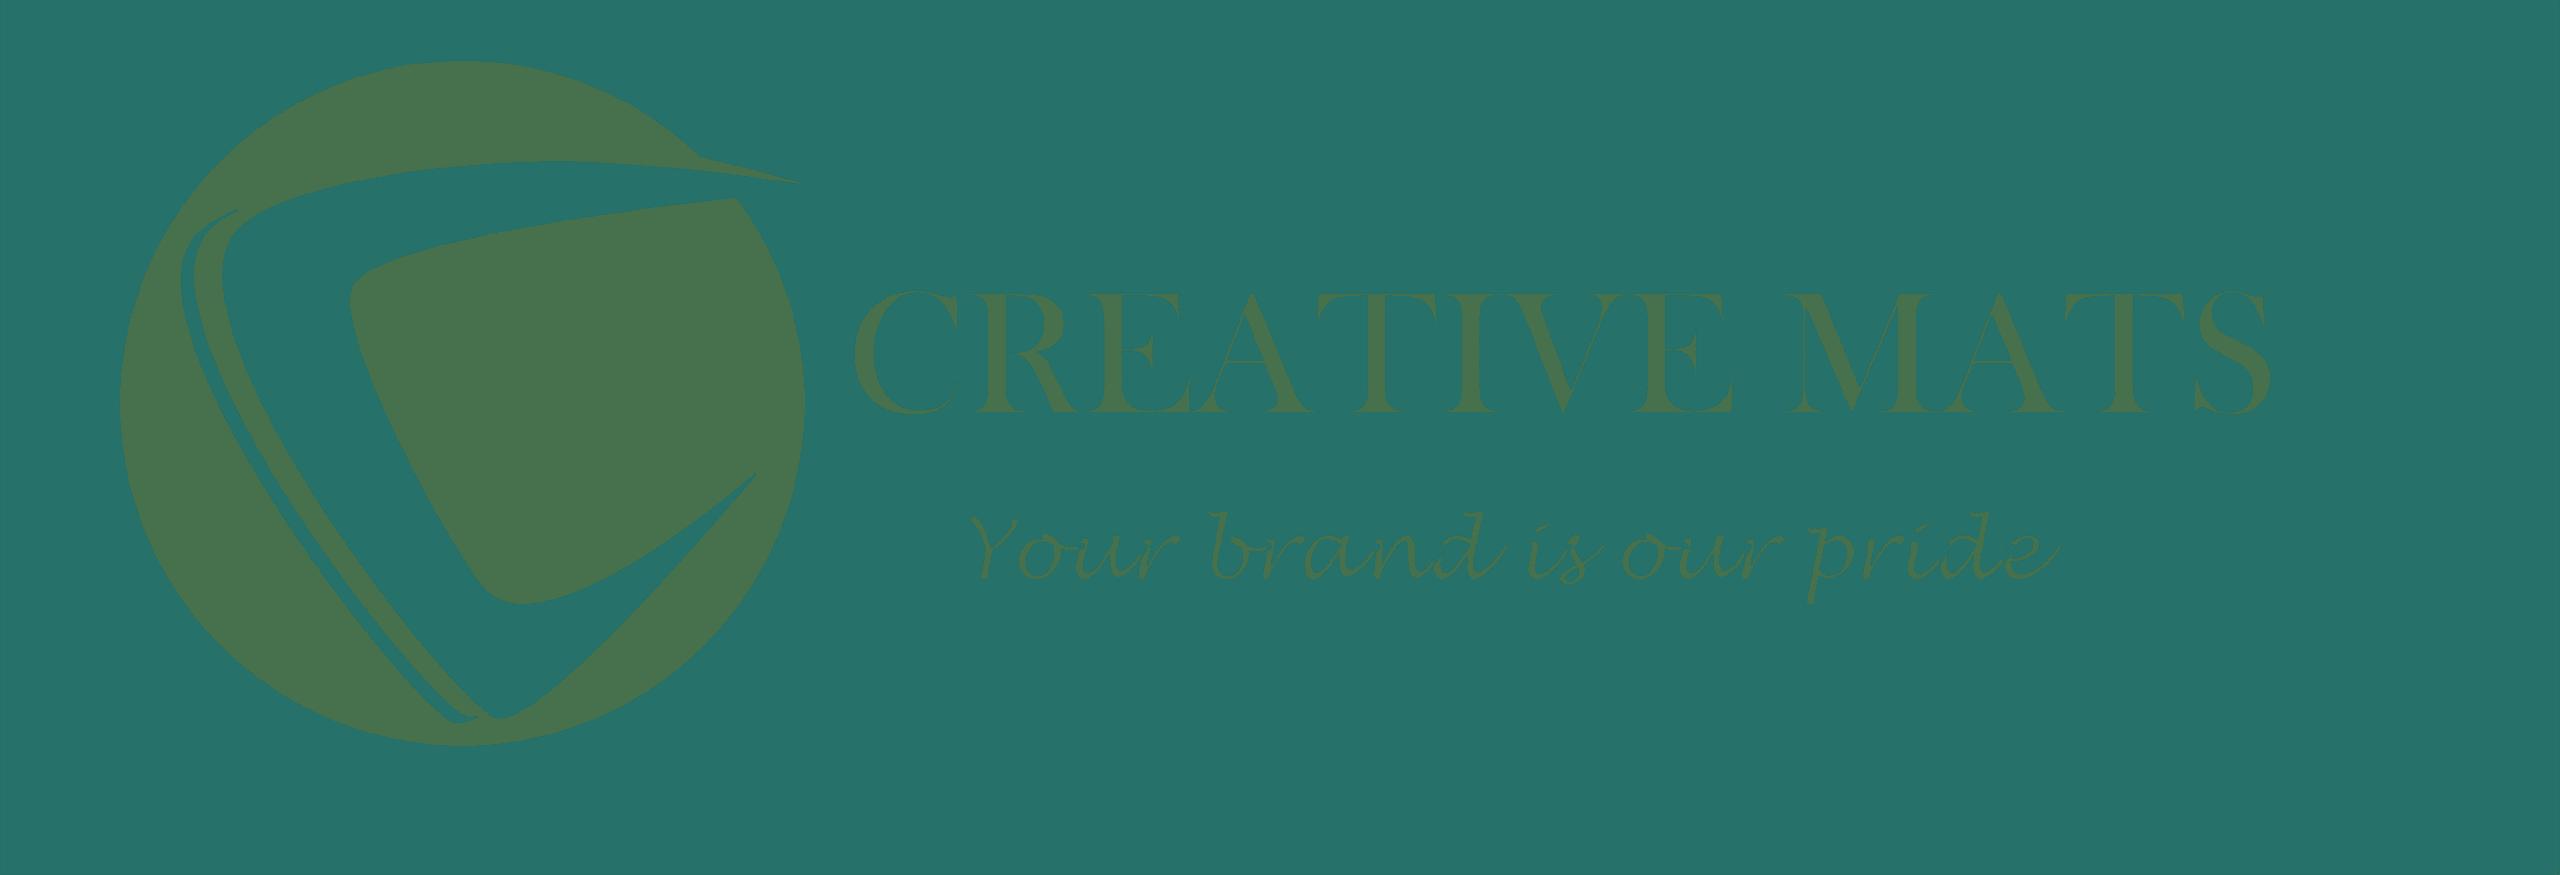 Creative Mats